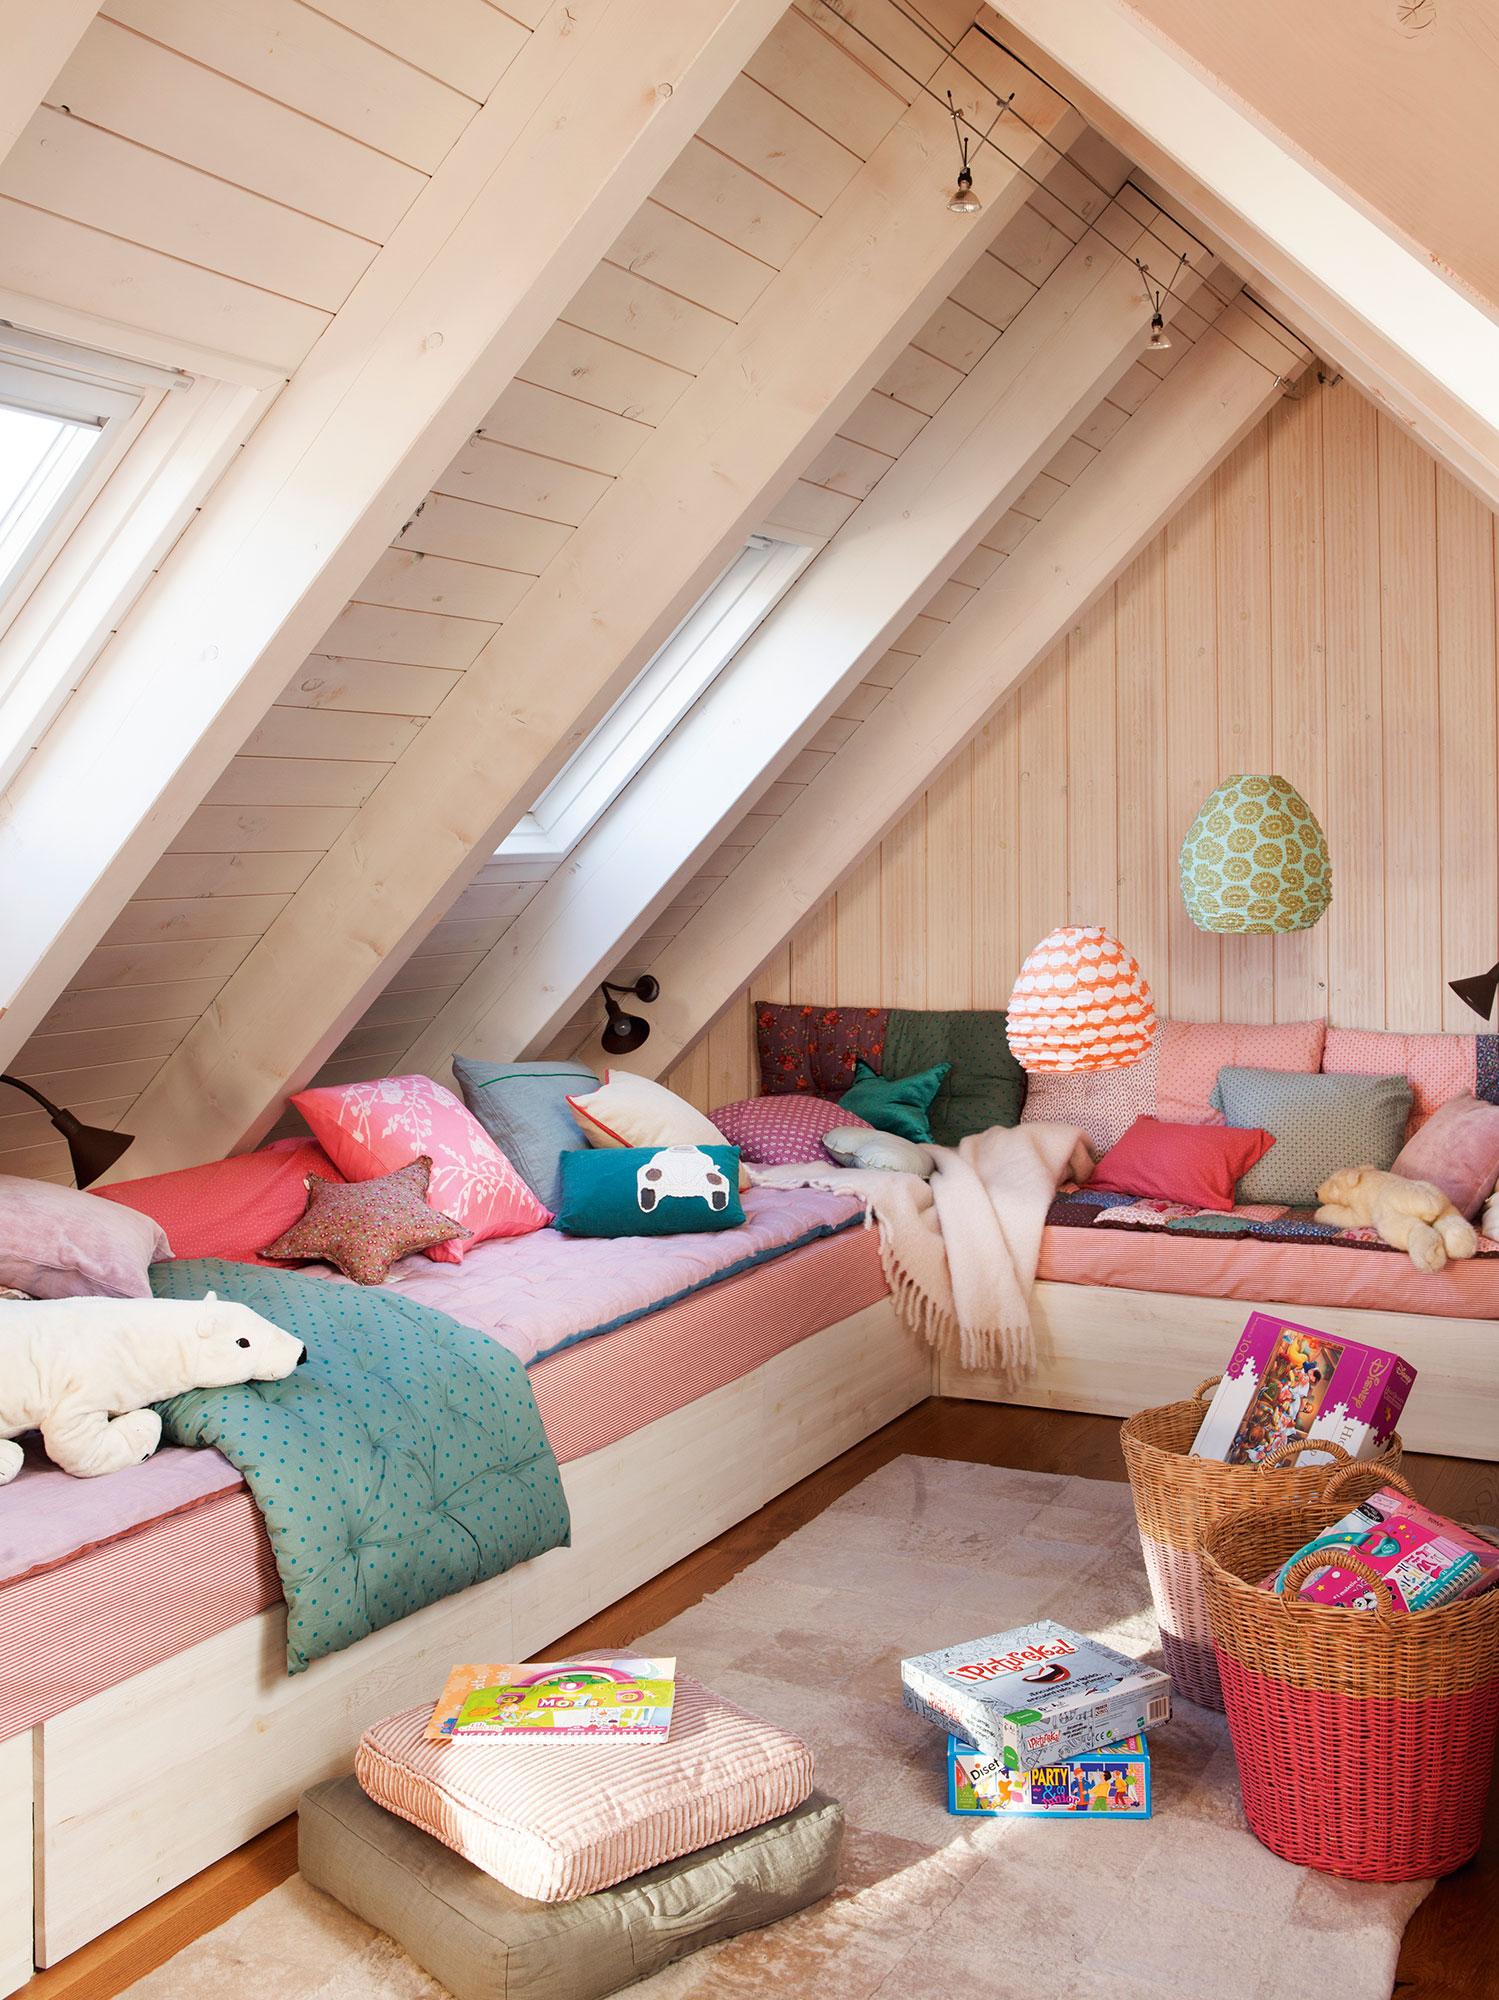 Decorar con cestos est de moda - Decorar habitaciones infantiles pequenas ...